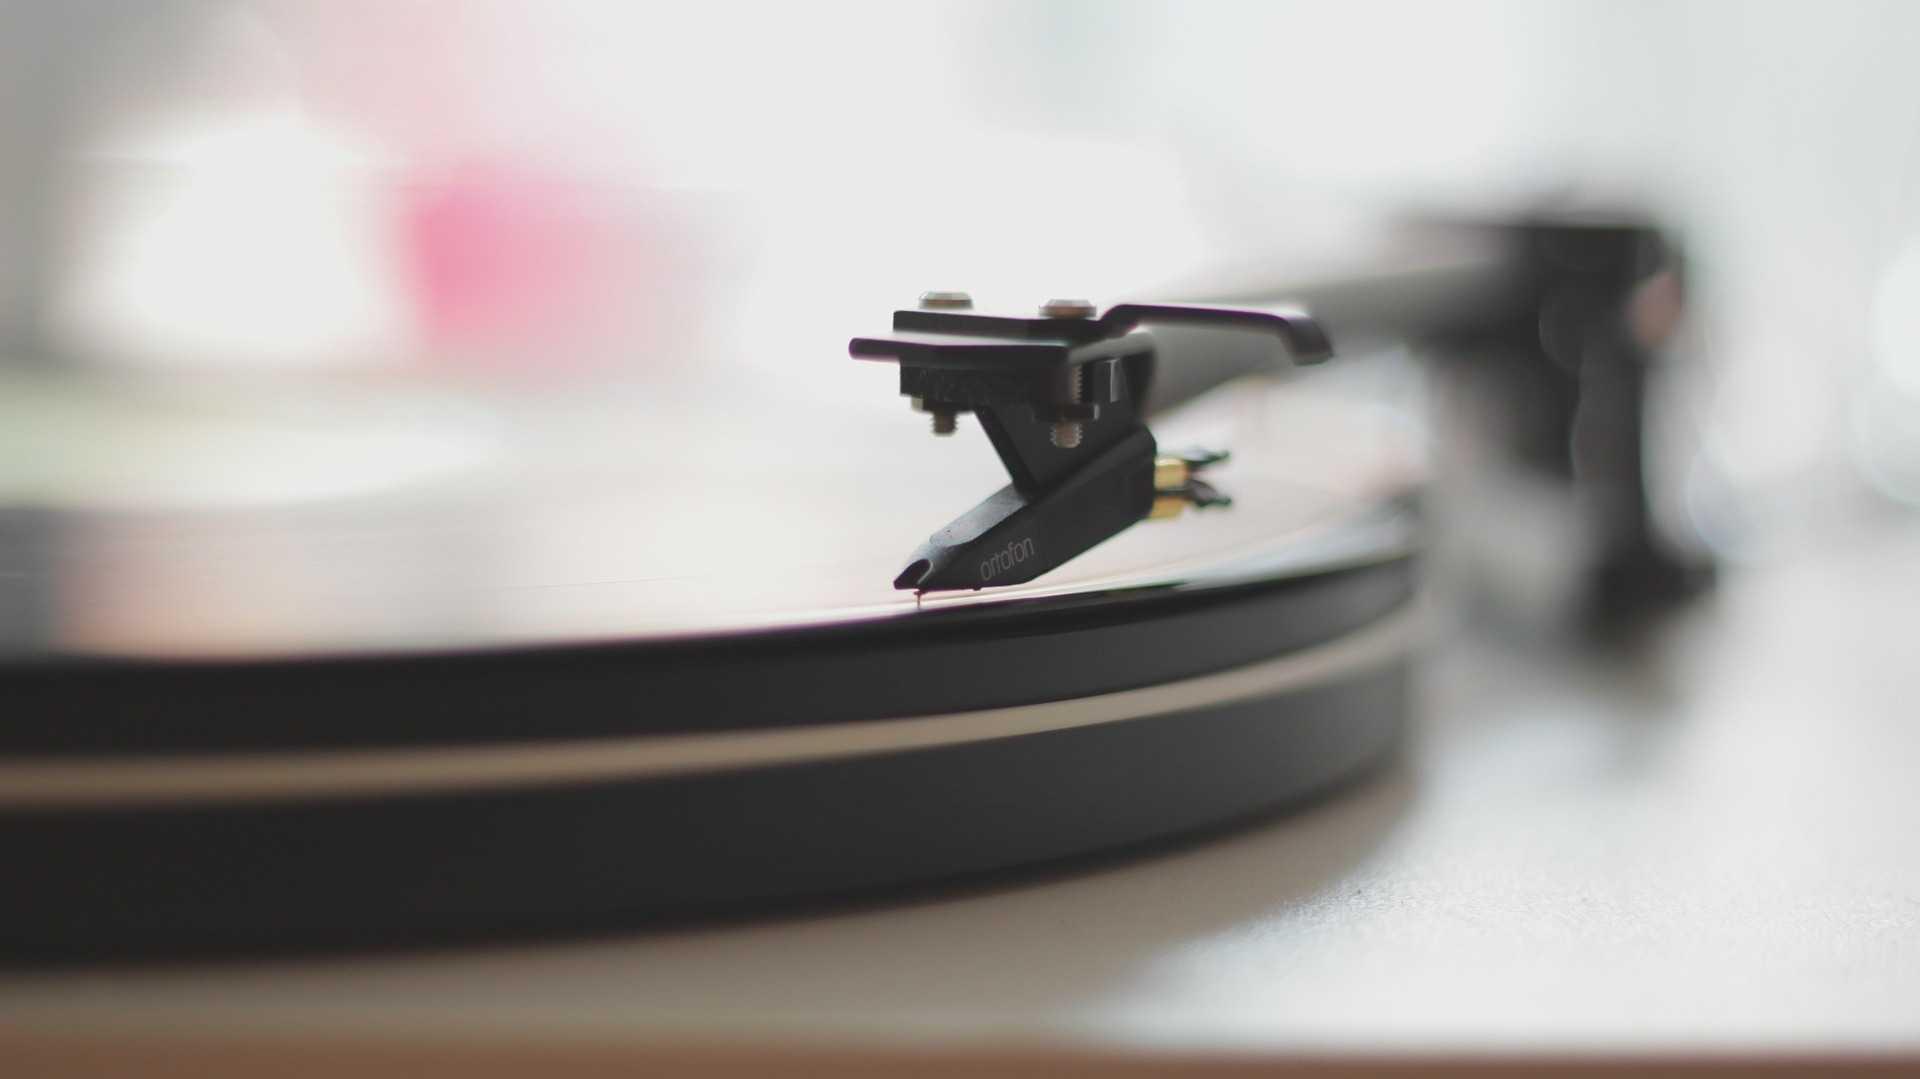 Halbjahresreport der Musikindustrie: Branche wächst stetig – Streaming-Geschäft holt rasant auf